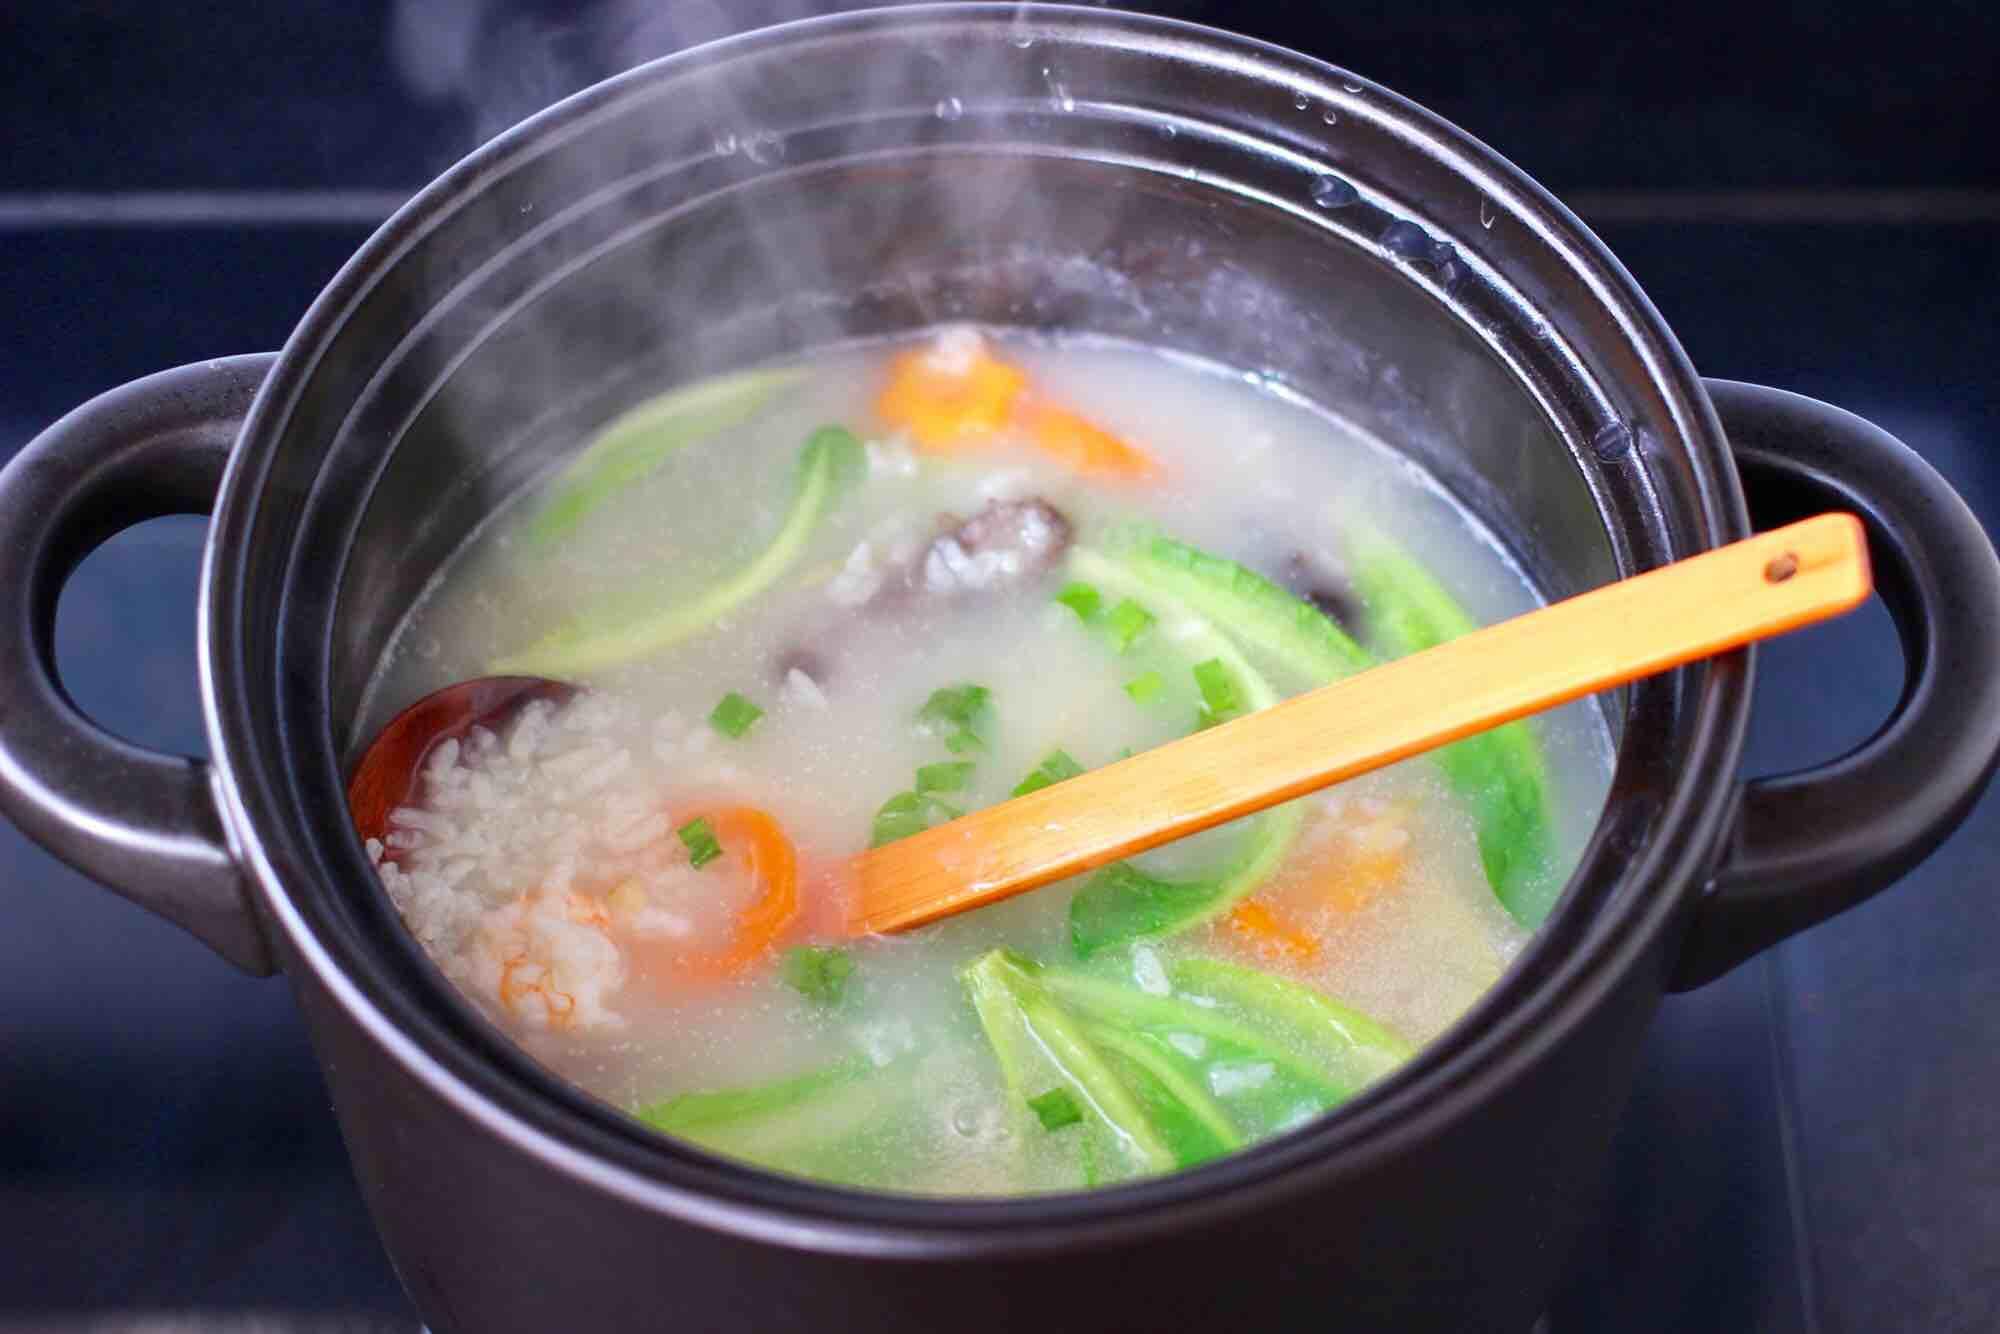 鲜虾海参砂锅粥怎样炖